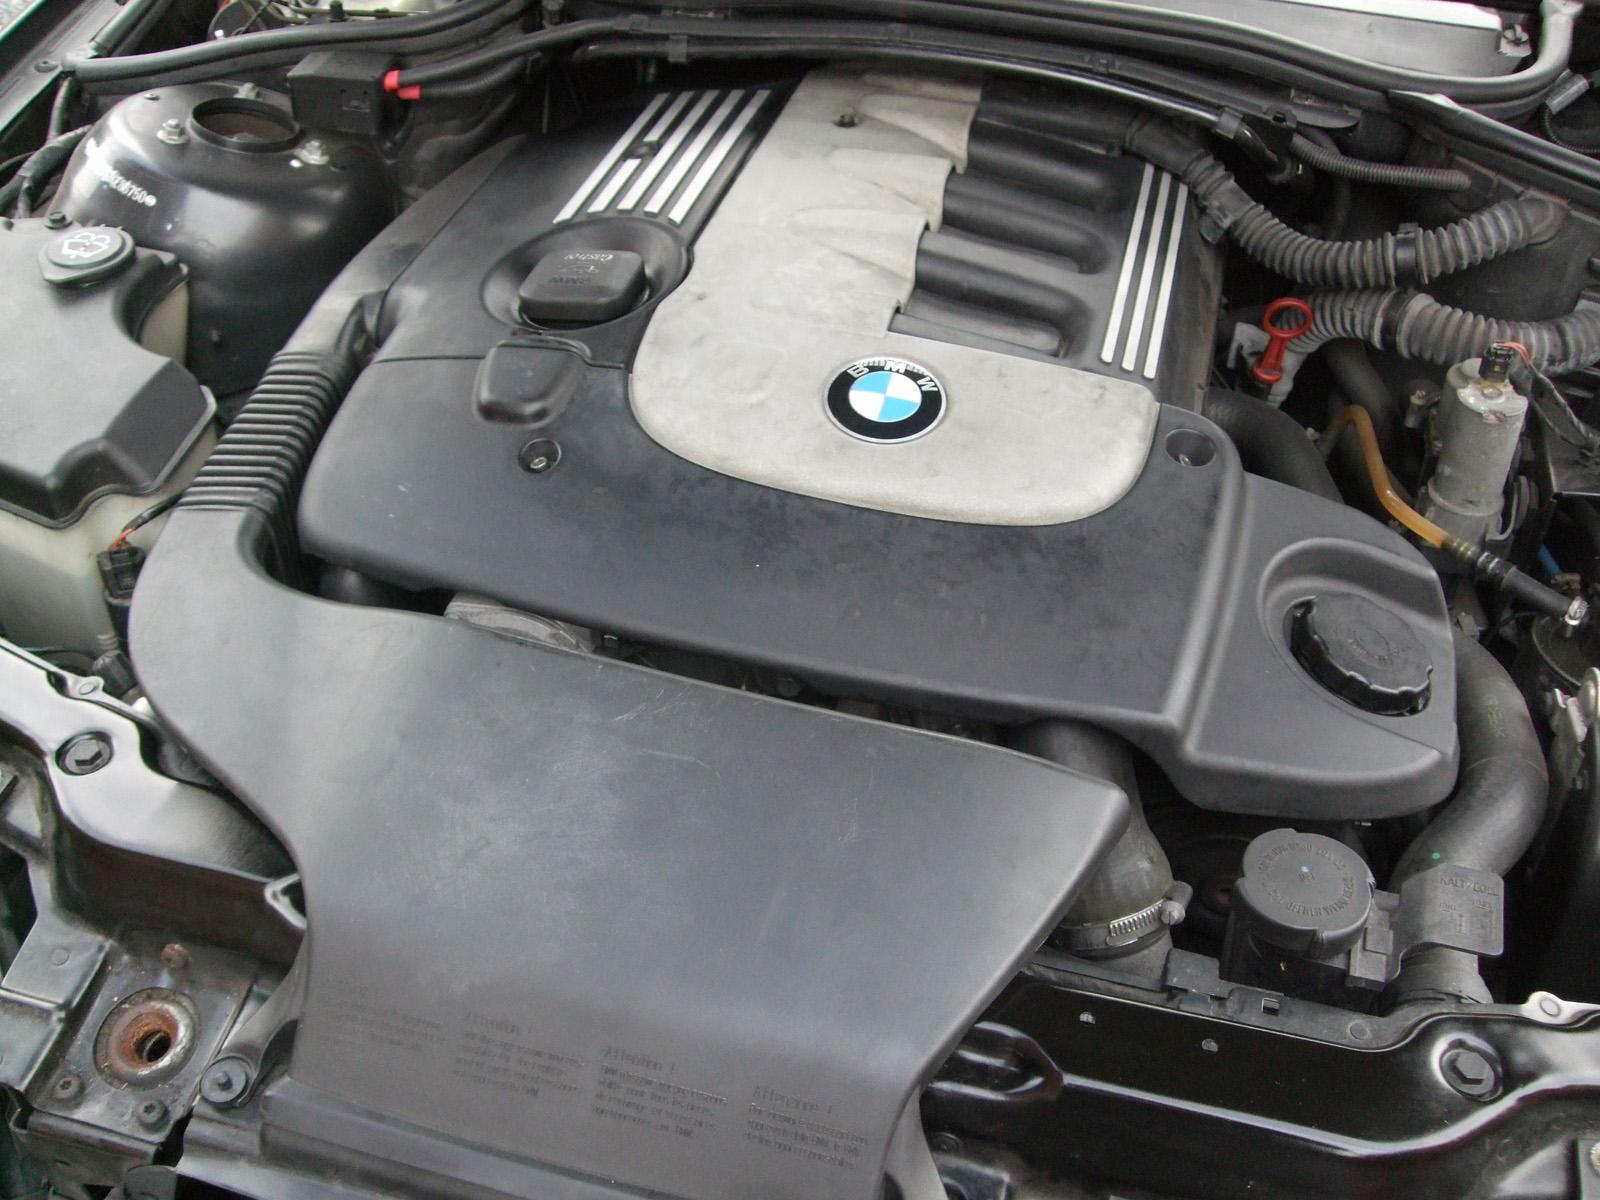 BMW E46 330d engine bay